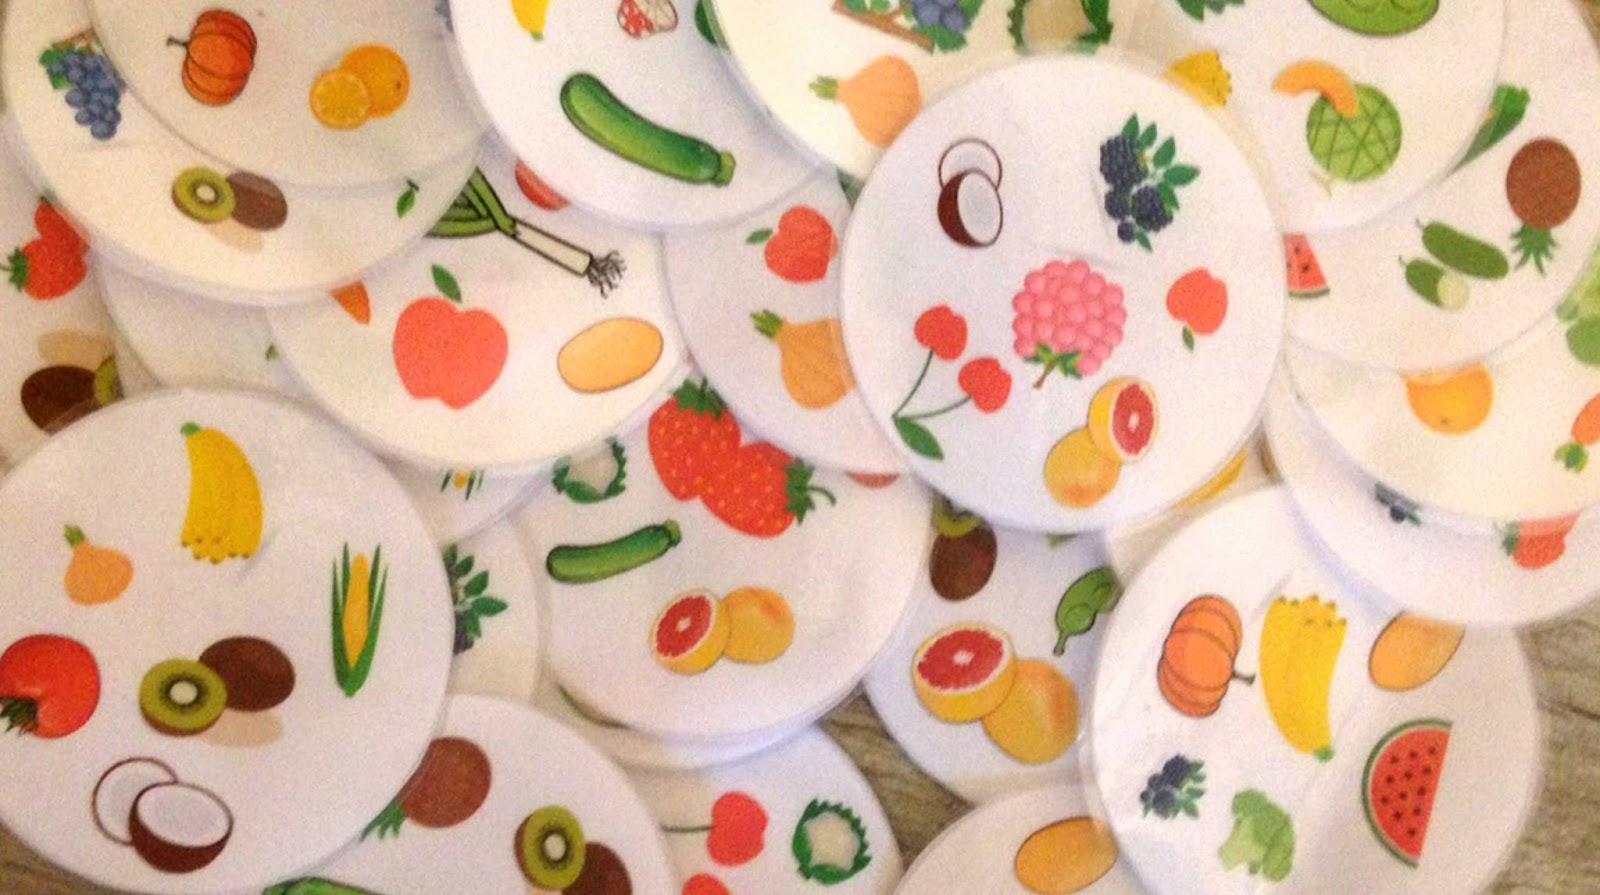 jeu anglais-dobble-fruits et légumes